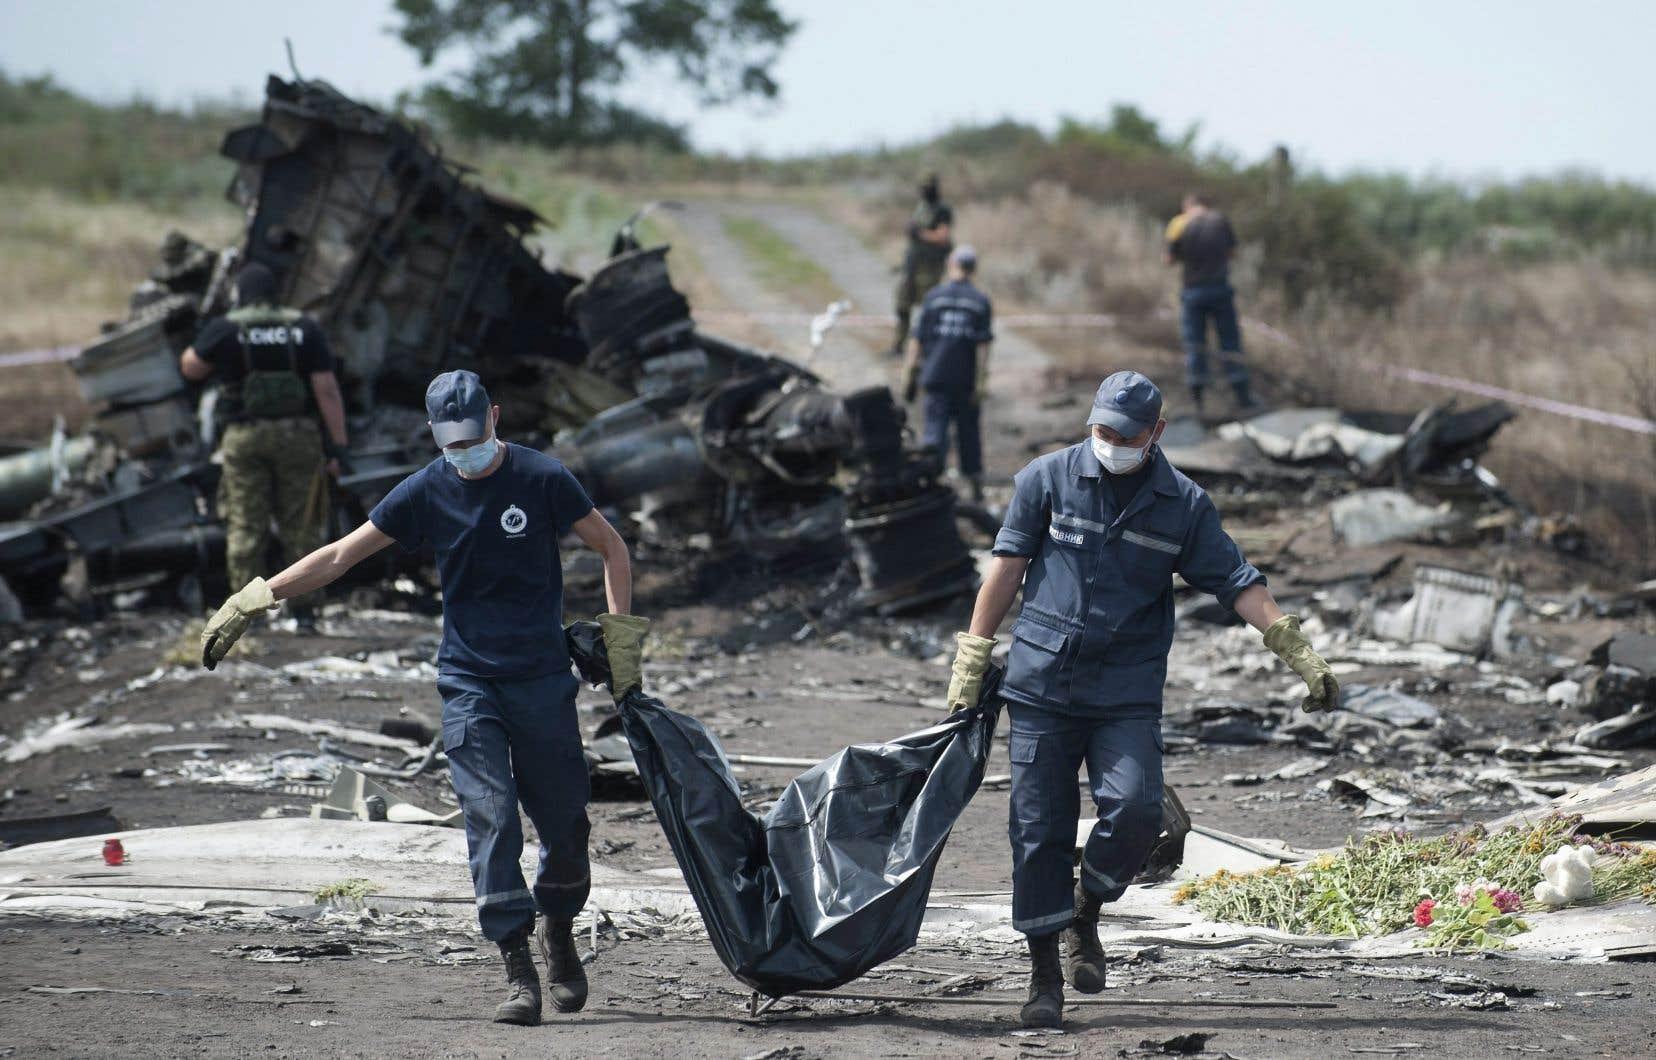 Des ambulanciers transportent le corps d'une victime de l'écrasement du vol MH17, près du village ukrainien de Hrabove, alors que des combattants pro-russes montent la garde, le 20 juillet 2014.